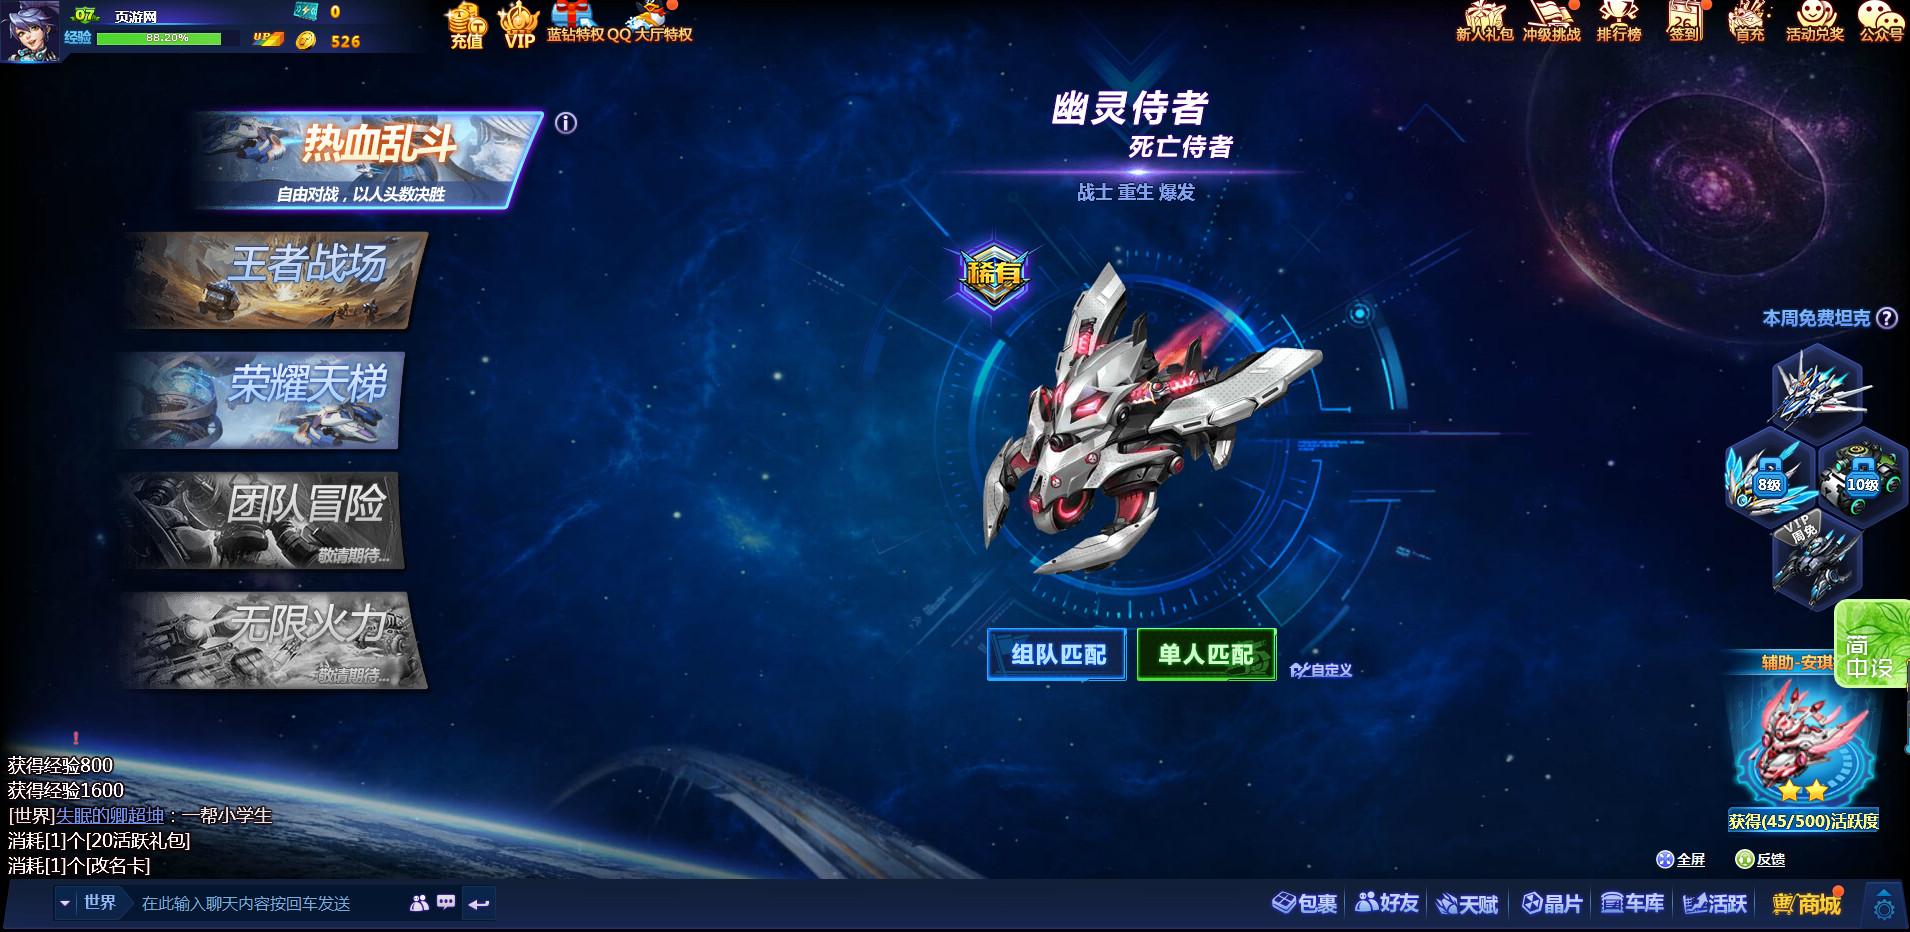 《星际战车》游戏截图